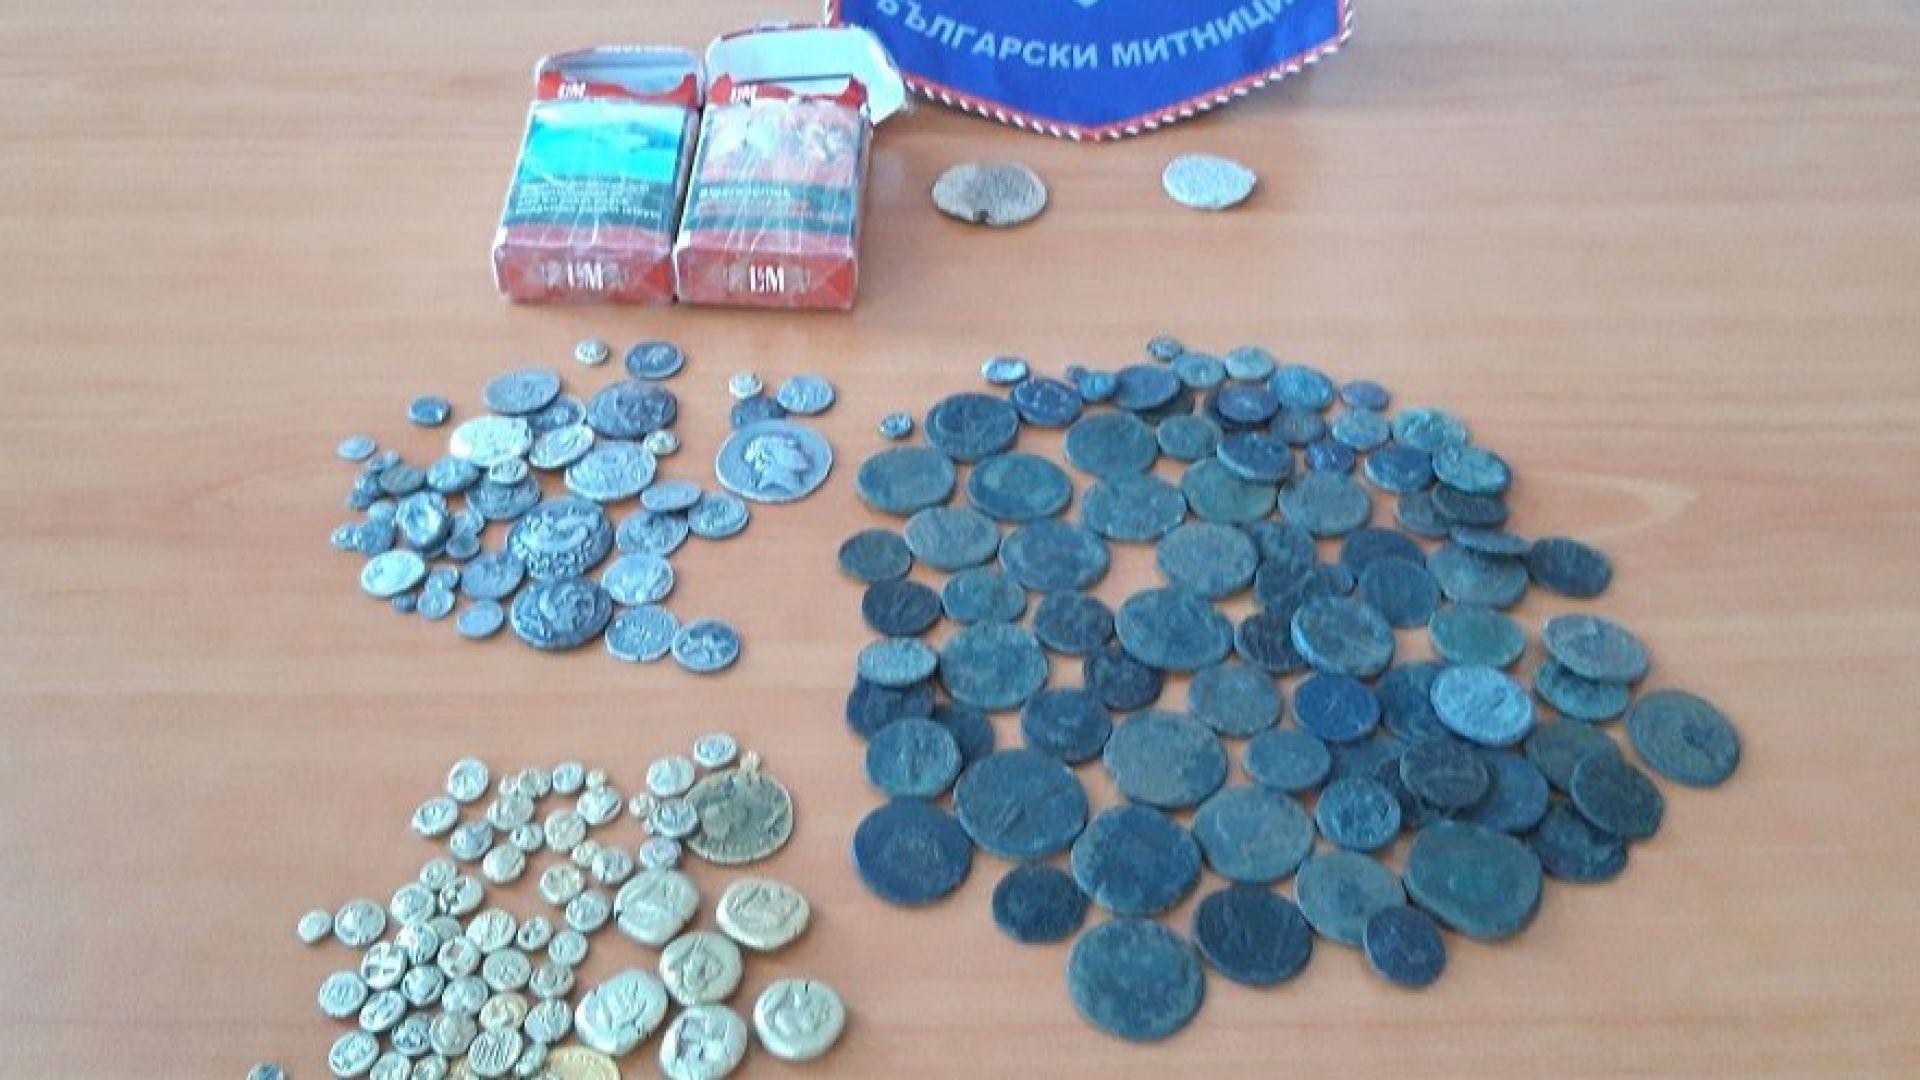 Митничари откриха старинни монети при проверка на товарен автомобил, управляван